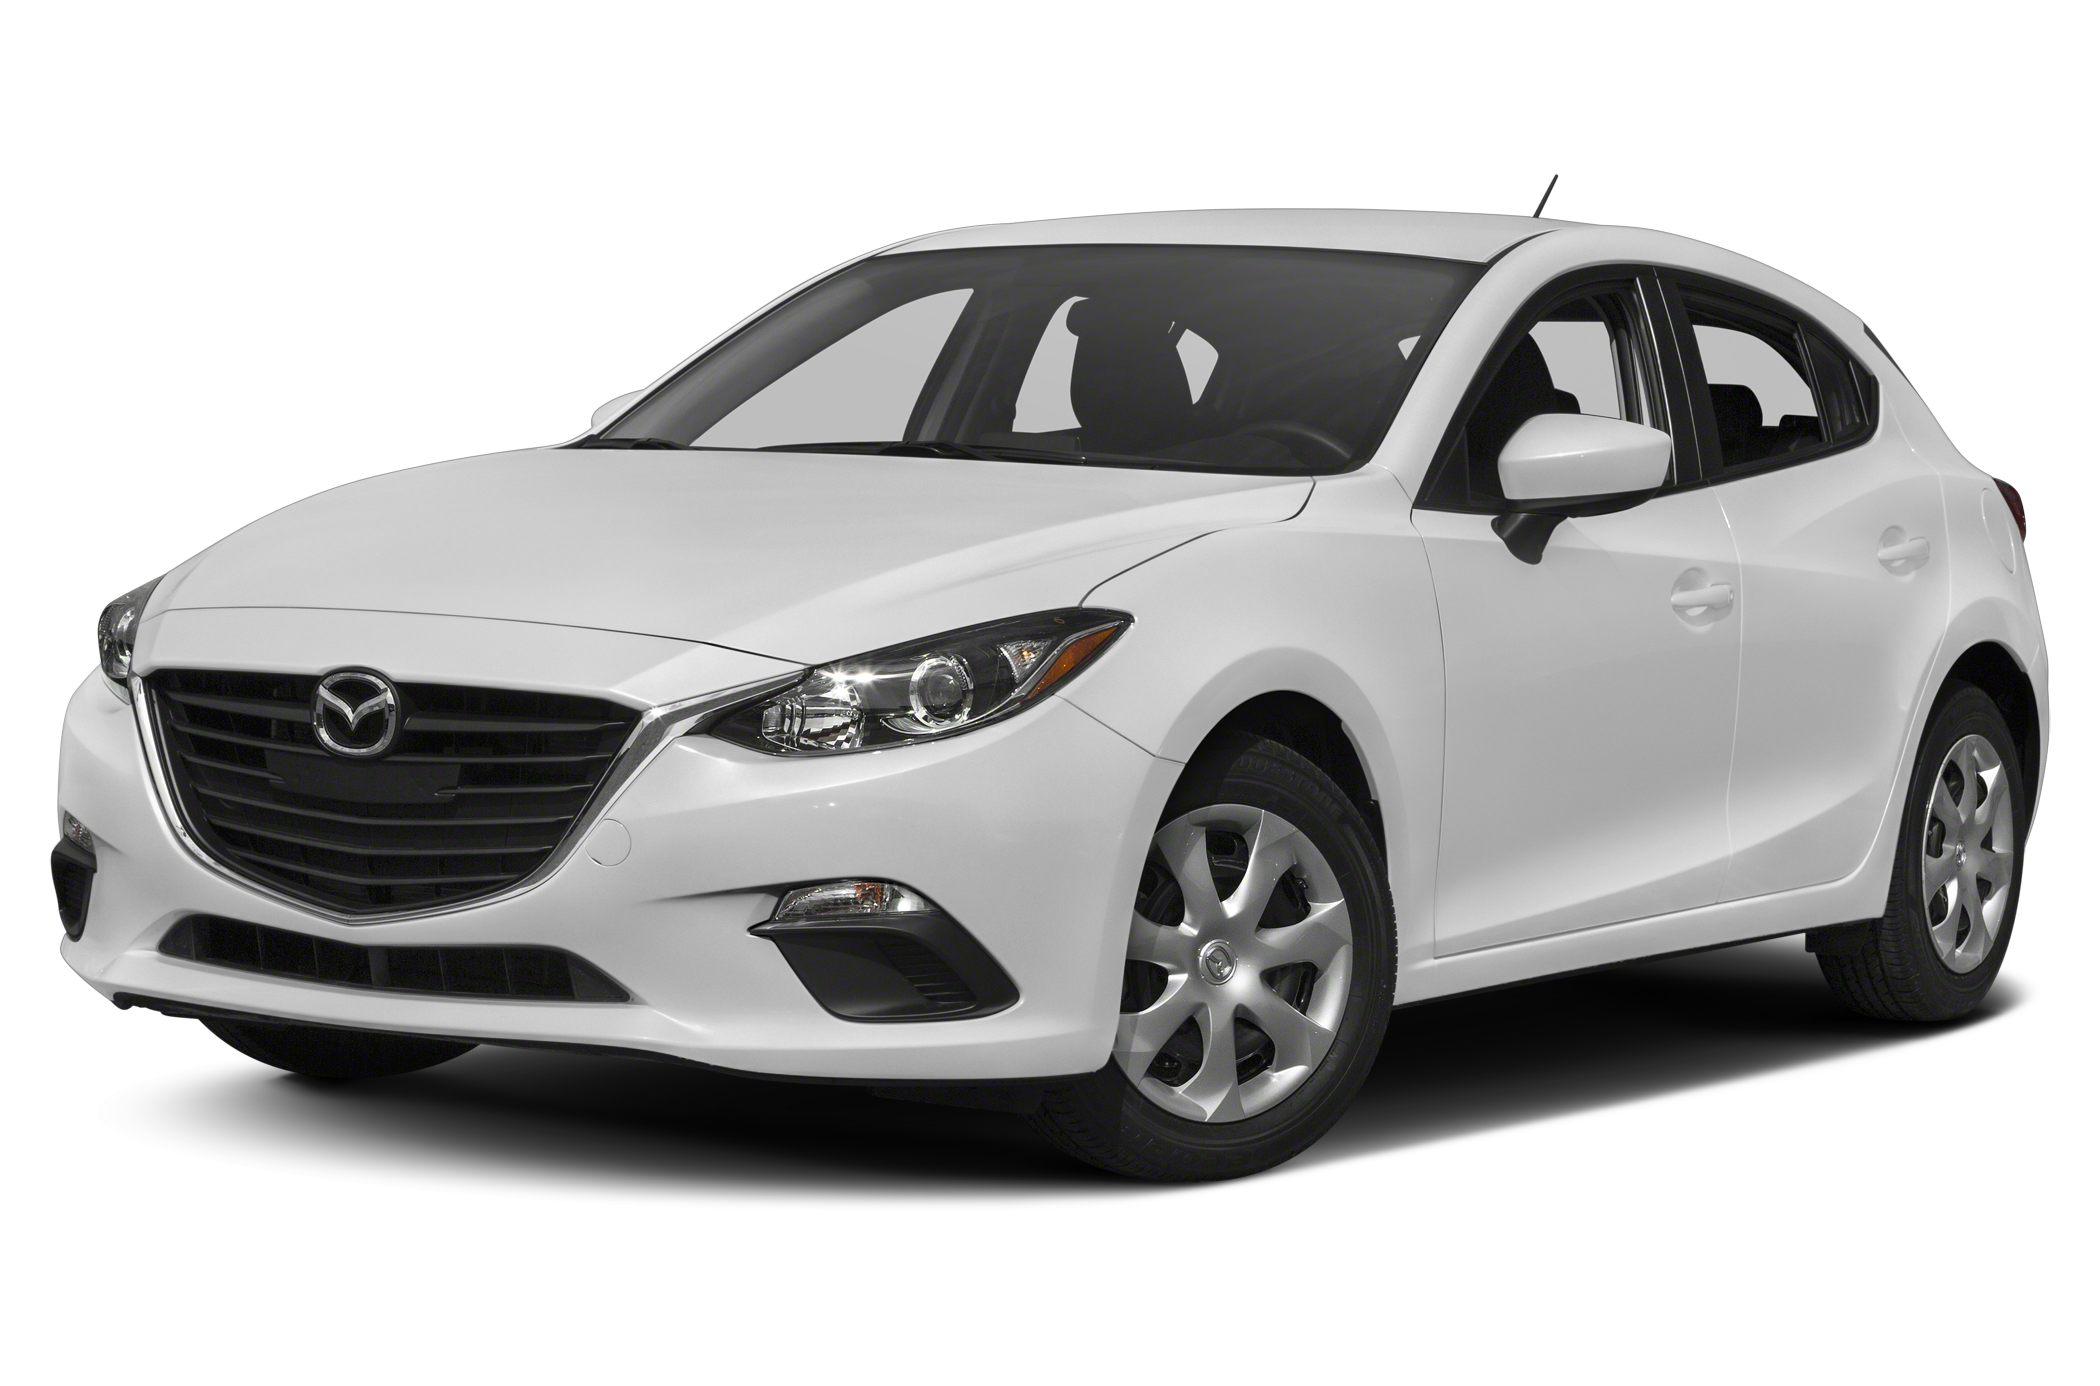 Kelebihan Kekurangan Mazda 2016 Harga